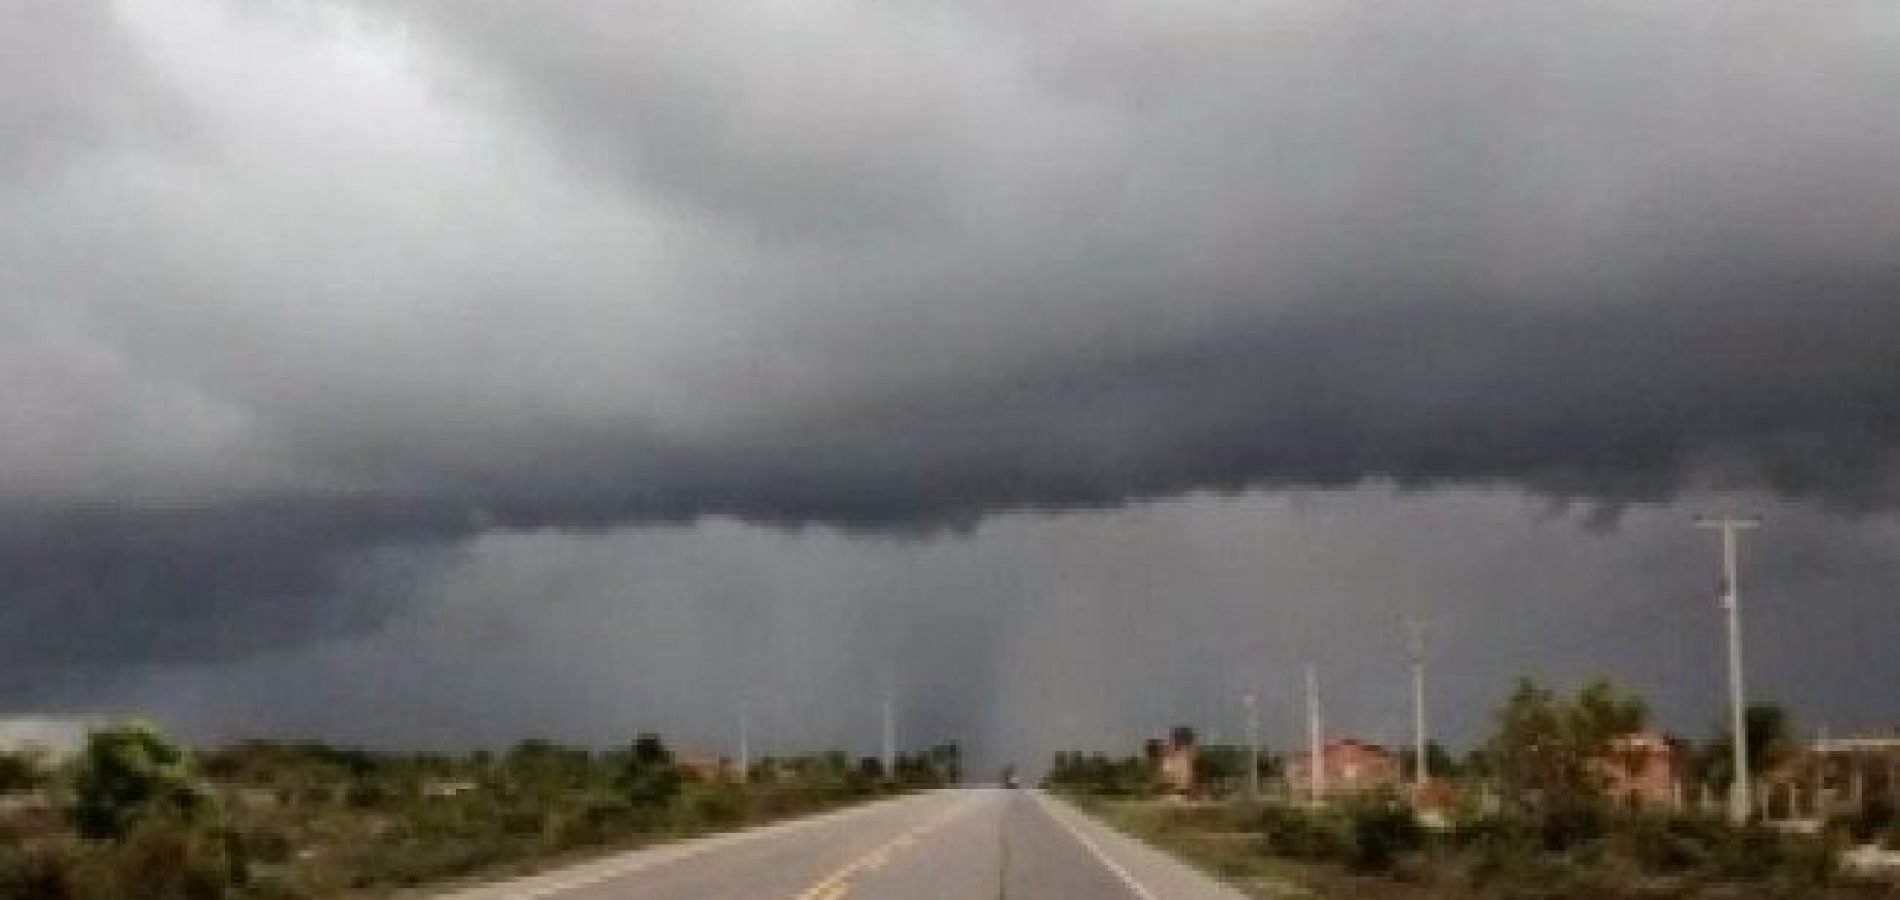 Sertão do Pajeú: Itapetim já registrou 328 mm de chuva esse ano - Blog do Roberto Gonçalves